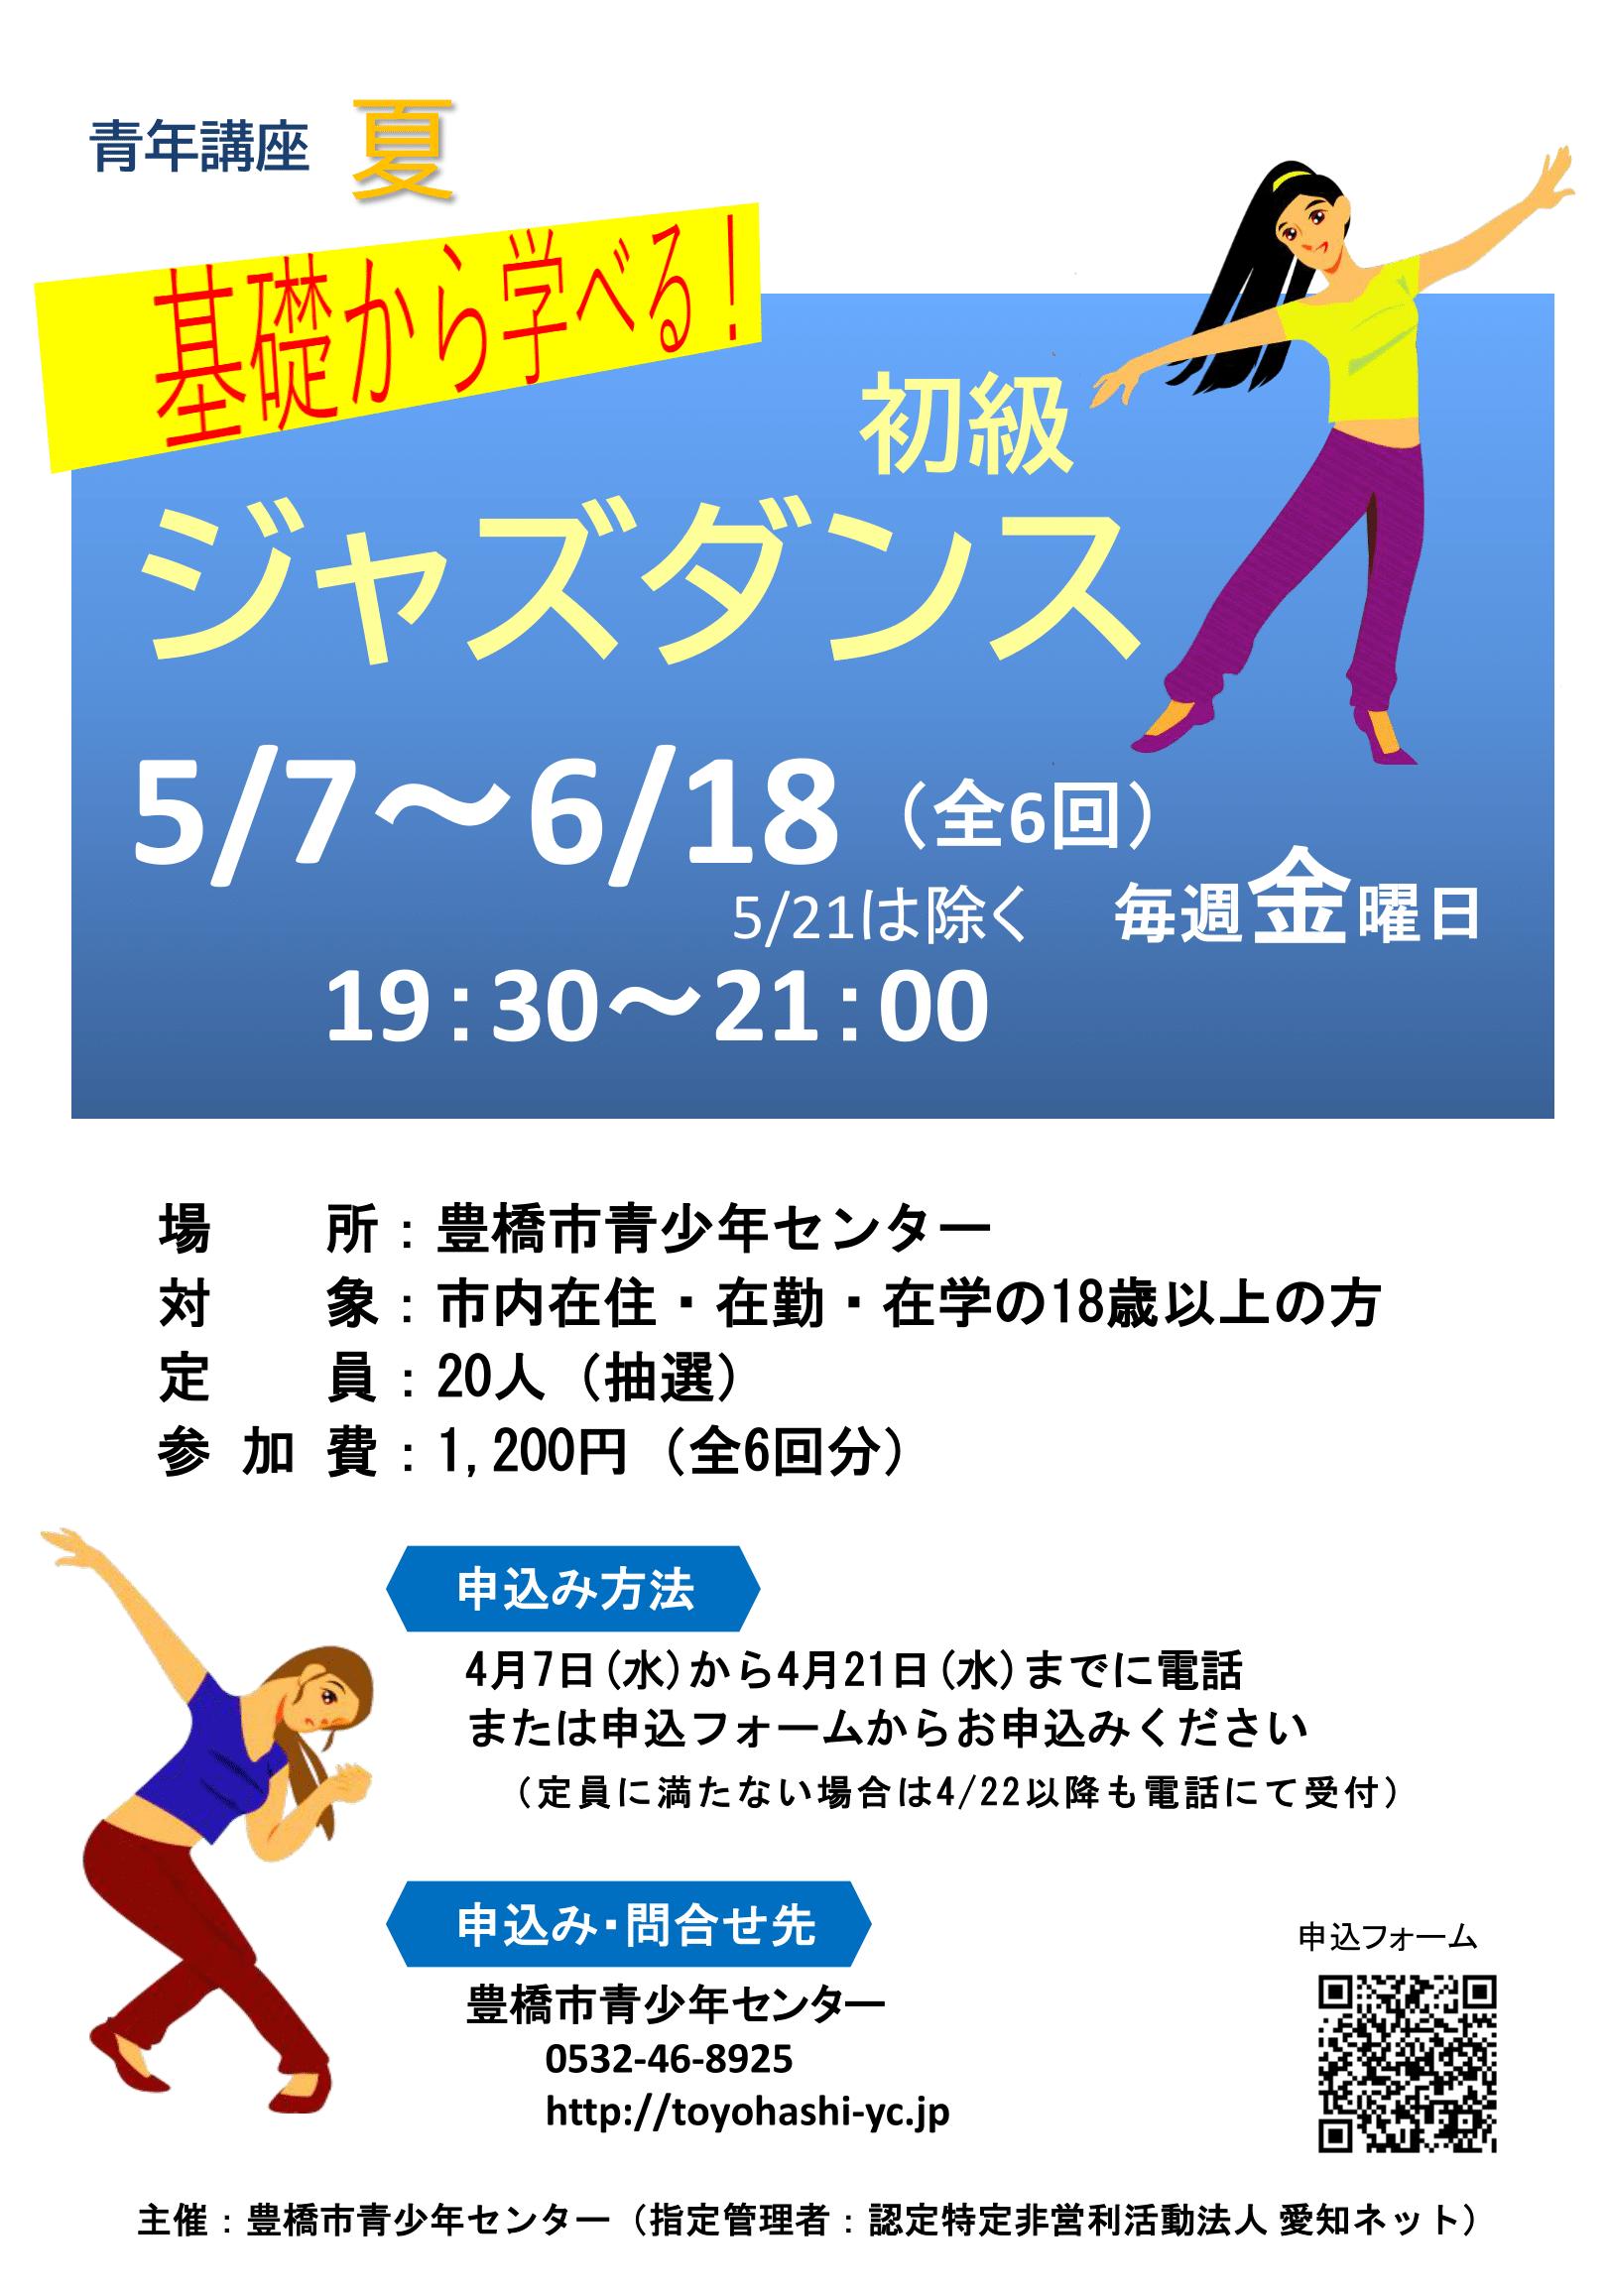 ジャズダンス夏のチラシ